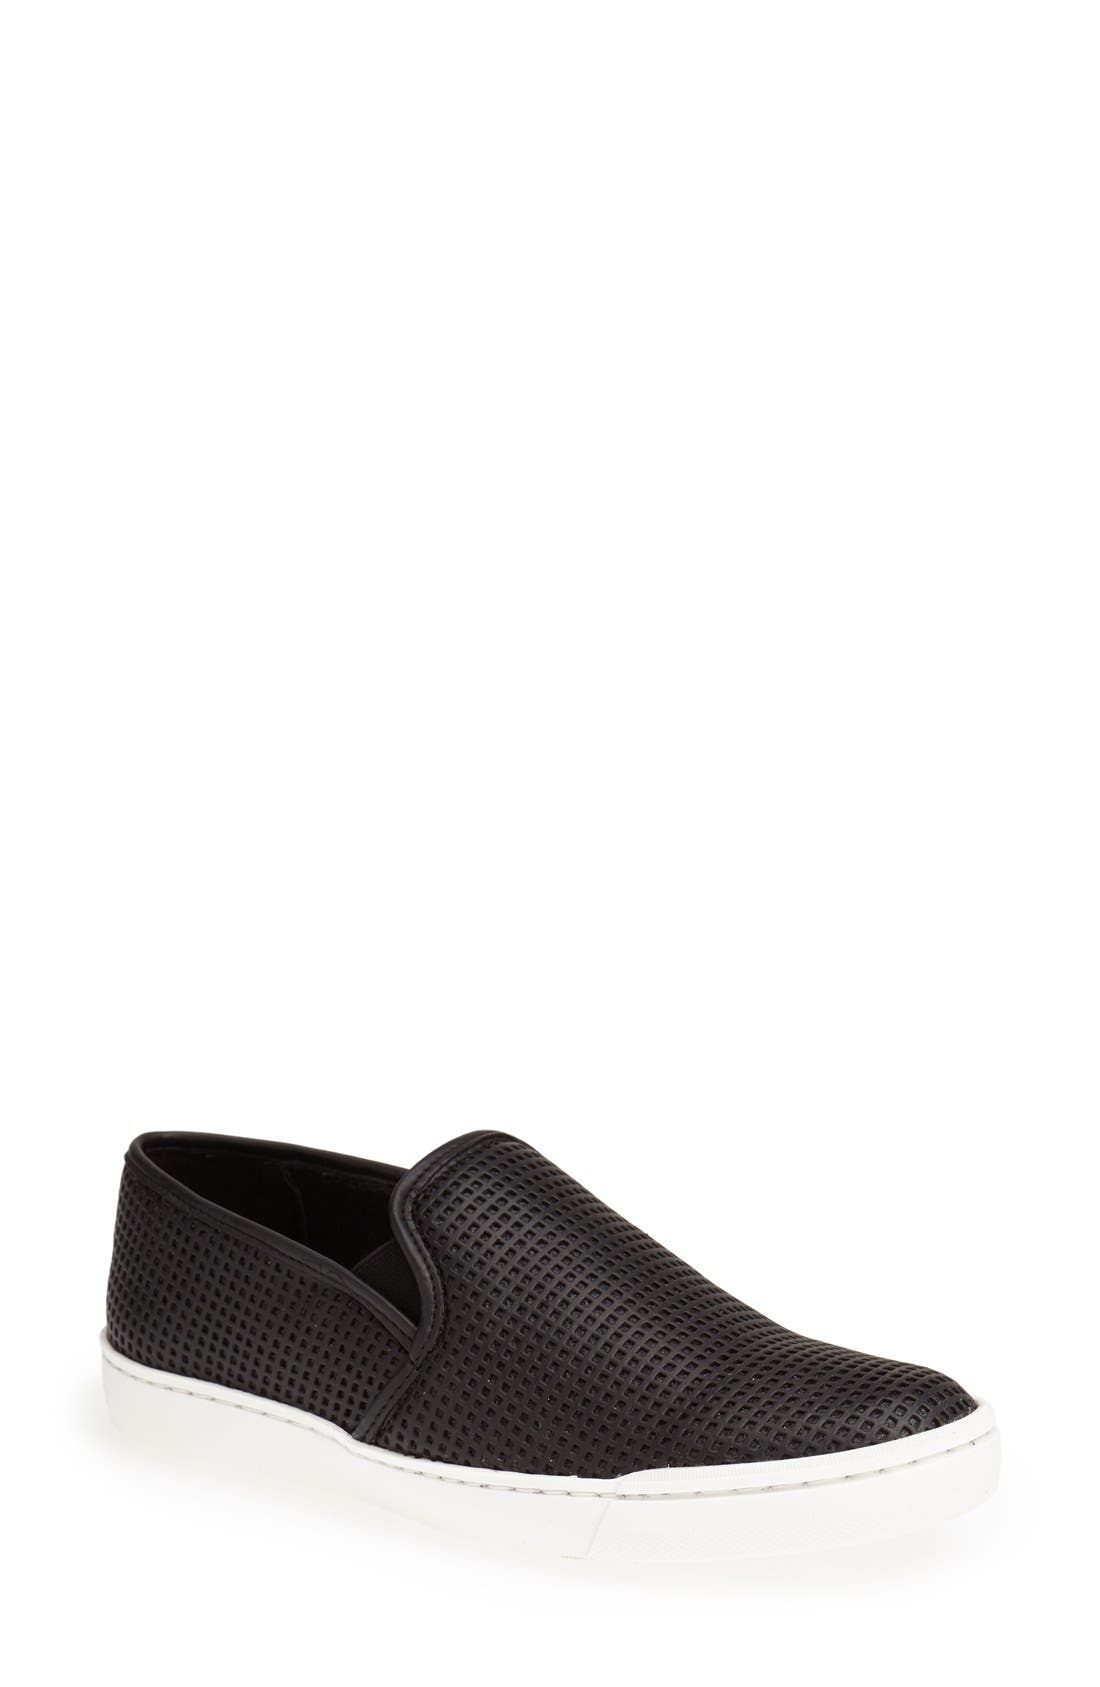 Alternate Image 1 Selected - Steve Madden 'Perfie - M' Slip-On Sneaker (Women)